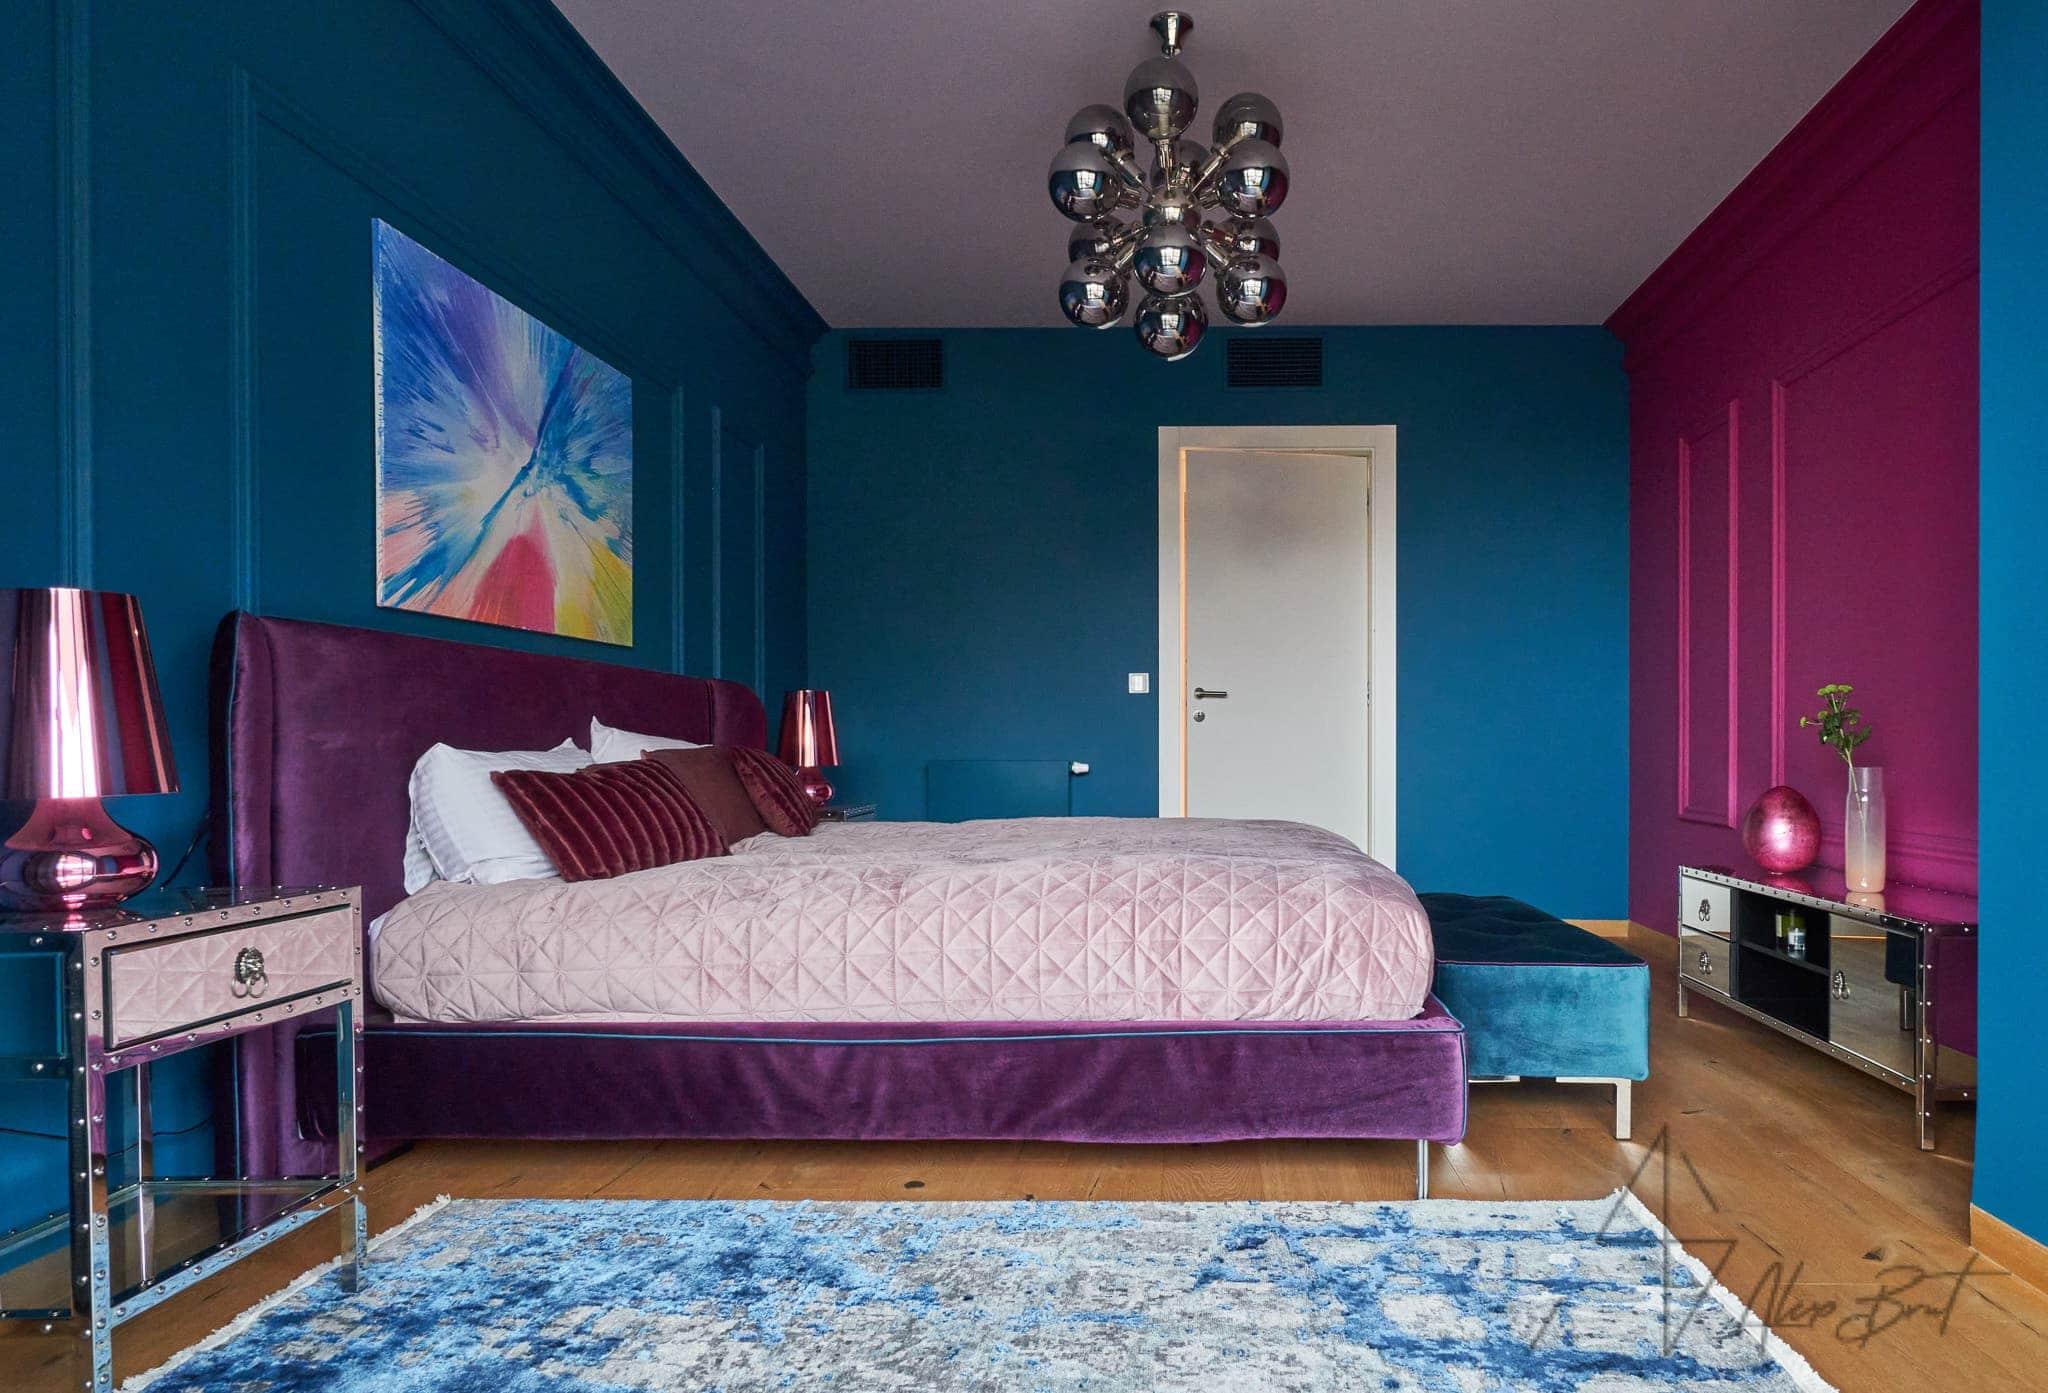 Návrh interiéru ložnice